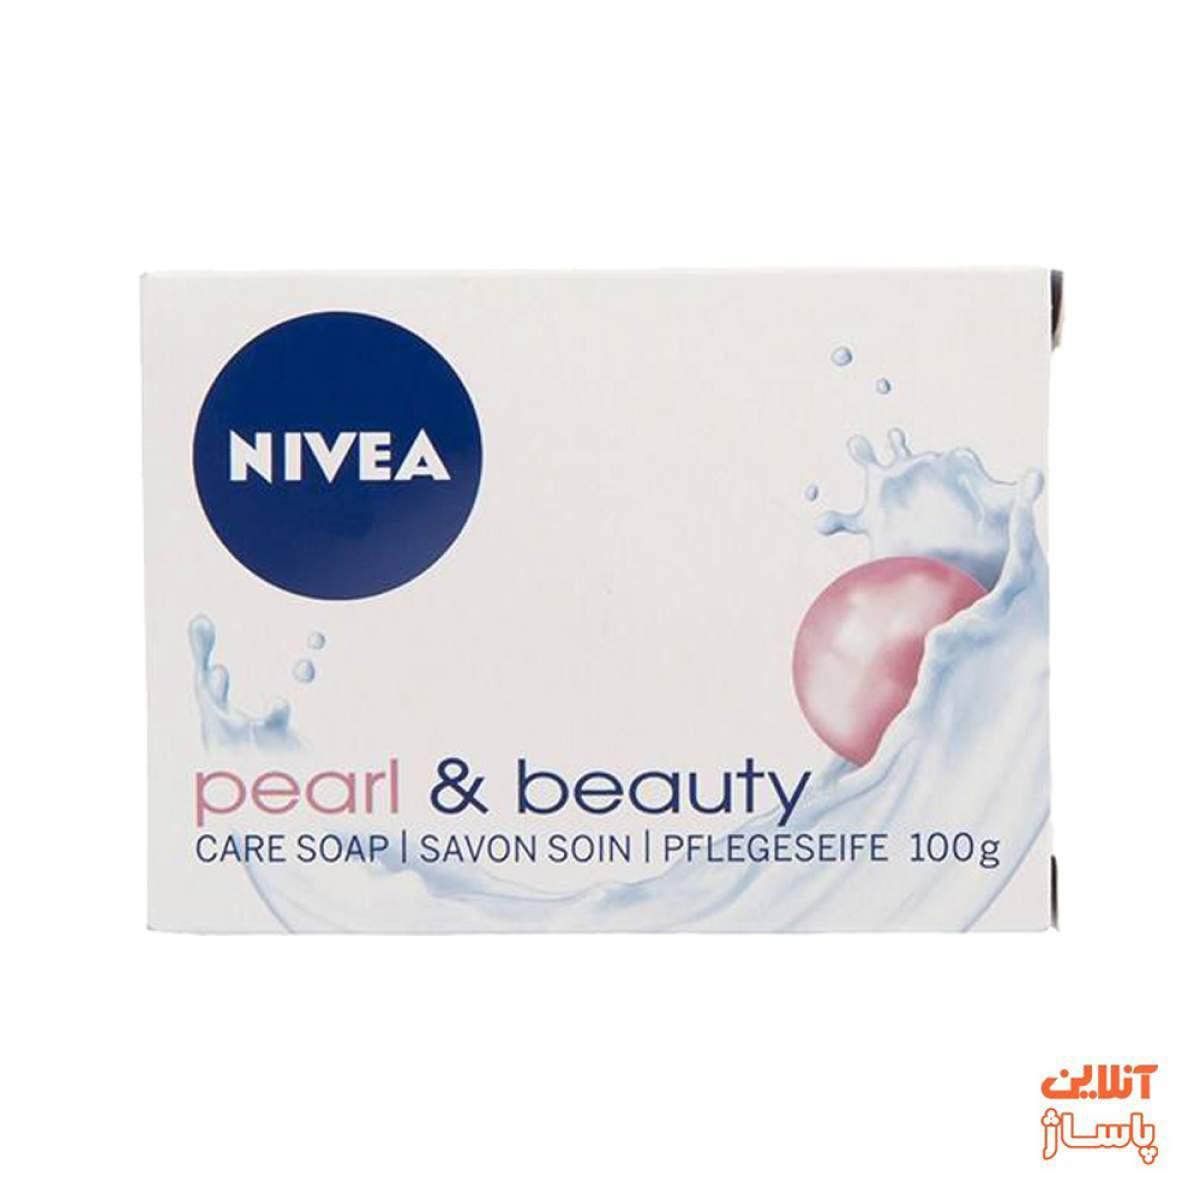 صابون زیبایی نیوآ مدل Pearl And Beauty مقدار 100 گرم